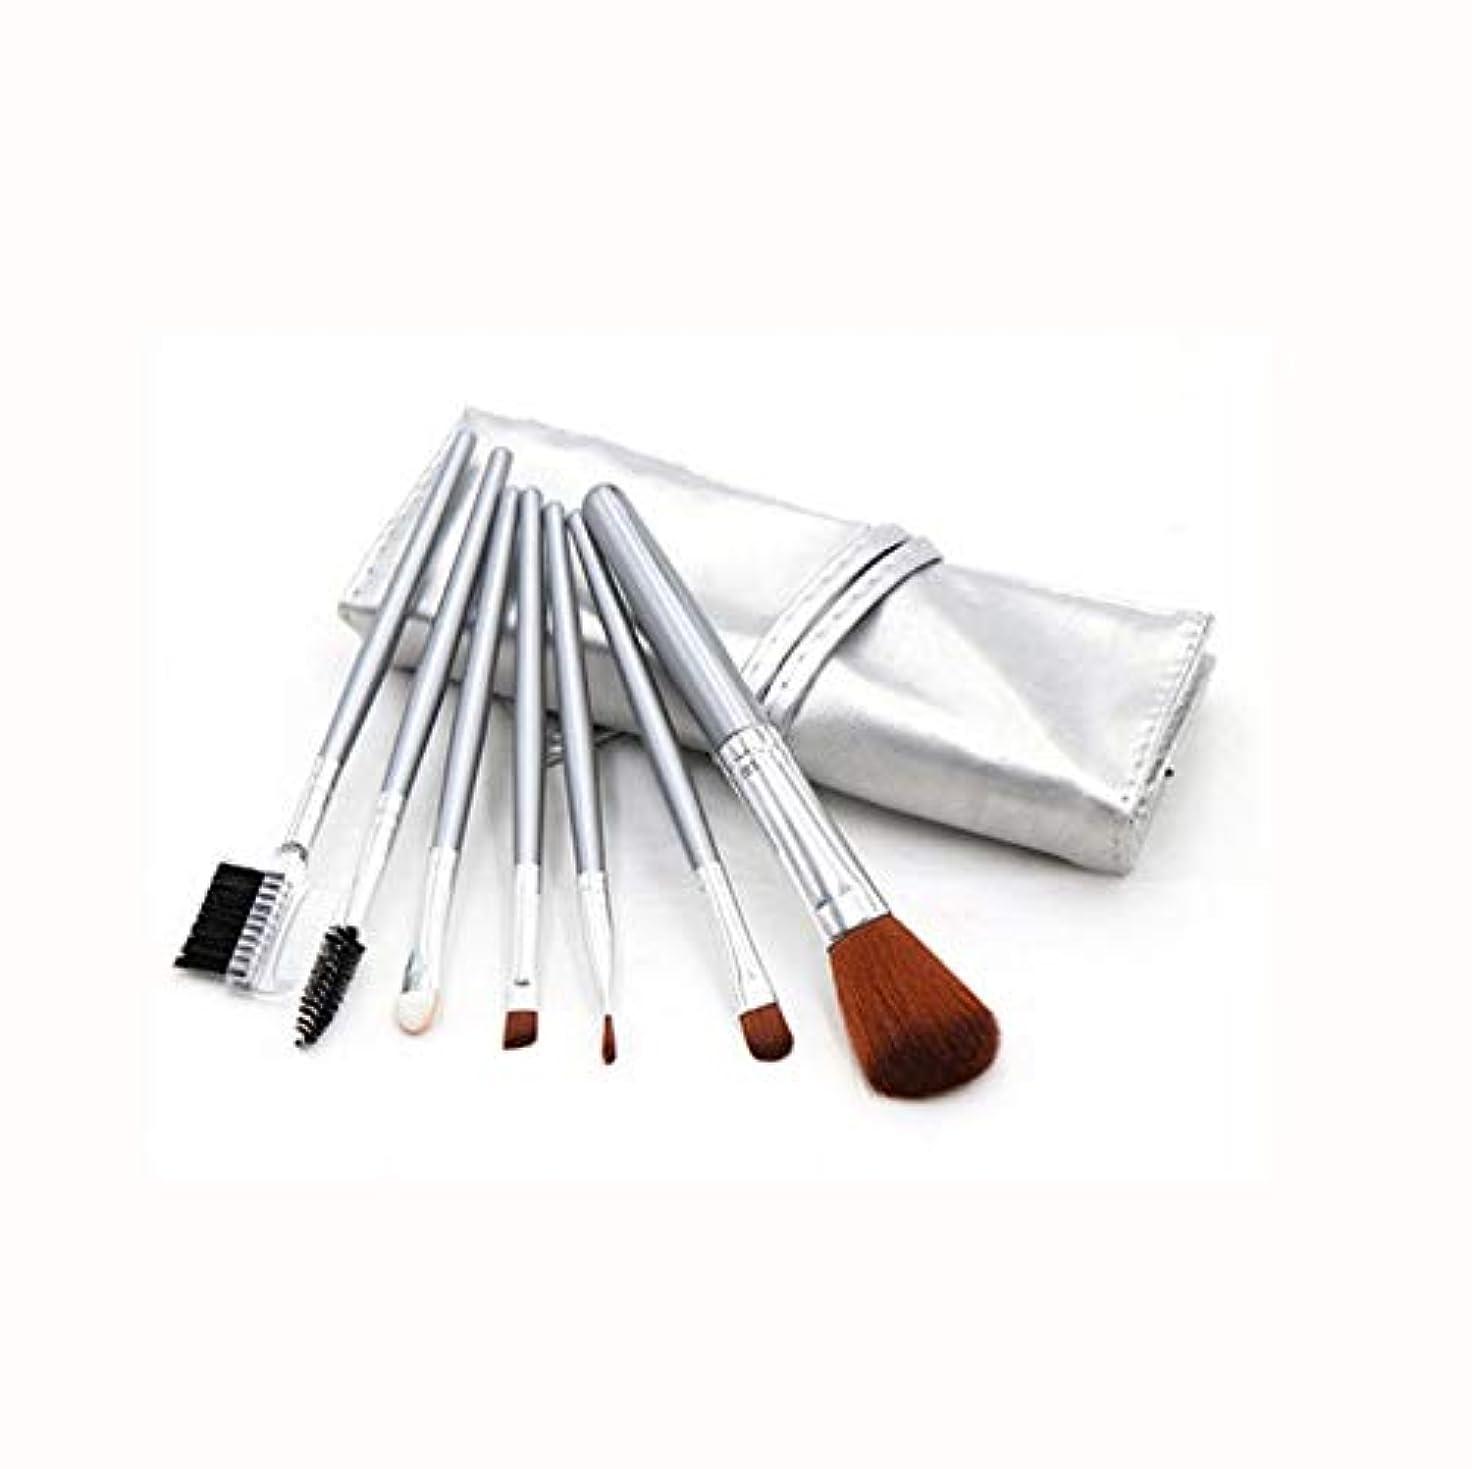 光沢のあるモナリザレーザ化粧ブラシセット、シルバー7化粧ブラシ化粧ブラシセットアイシャドウブラシリップブラシ美容化粧道具